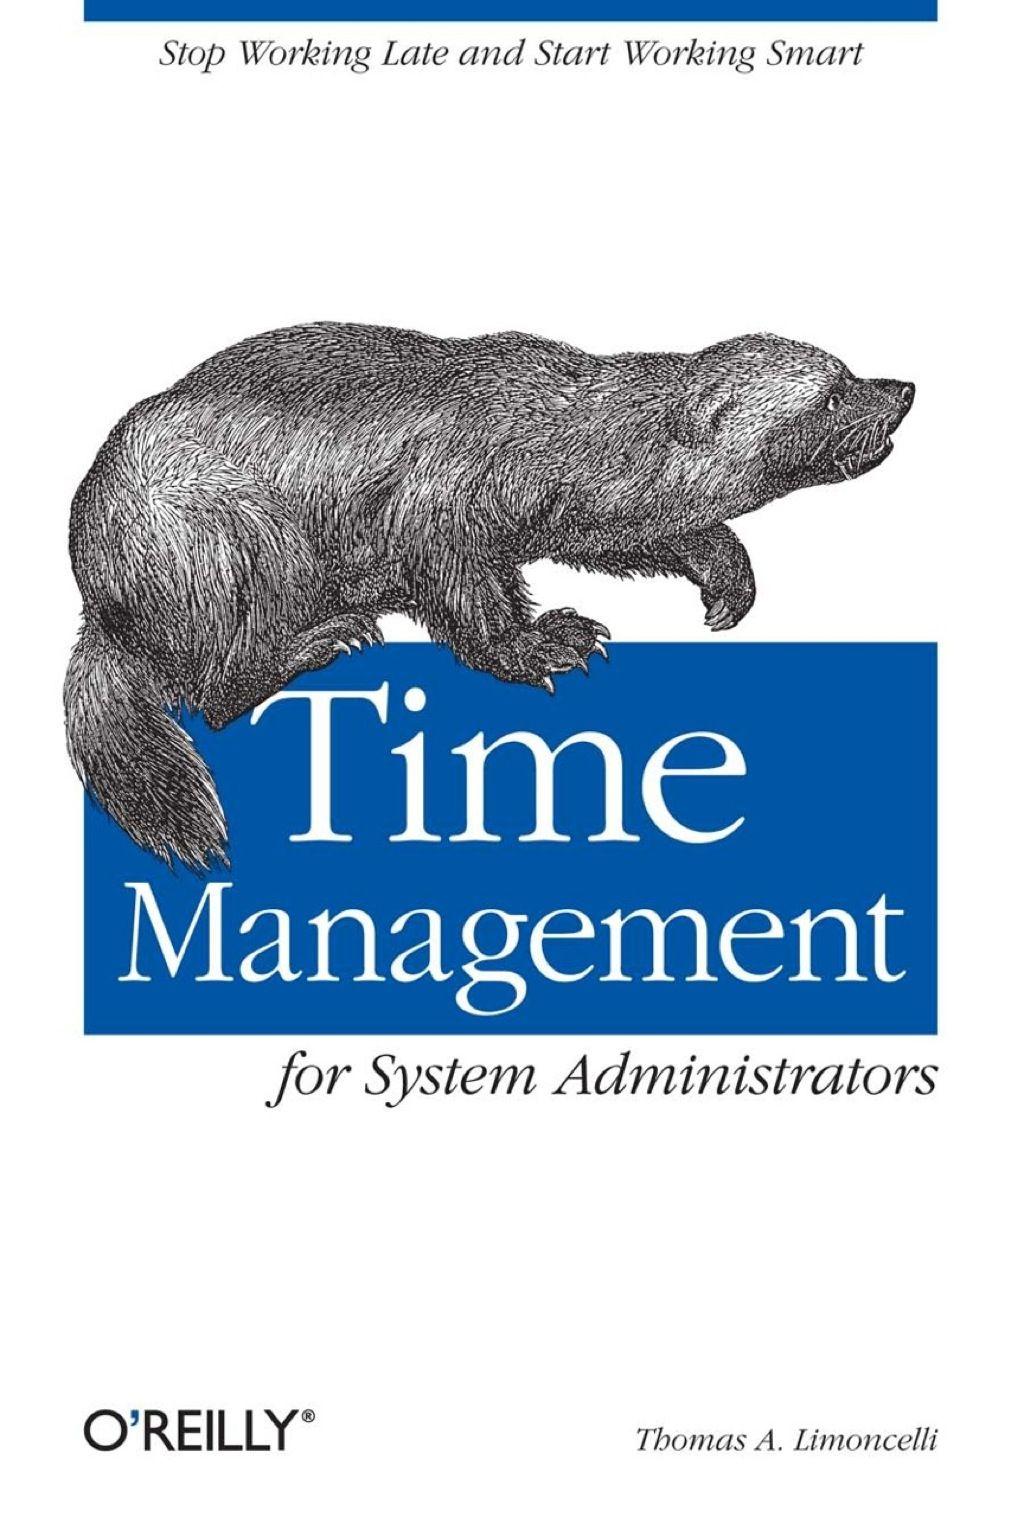 Time Management for System Administrators (eBook Rental